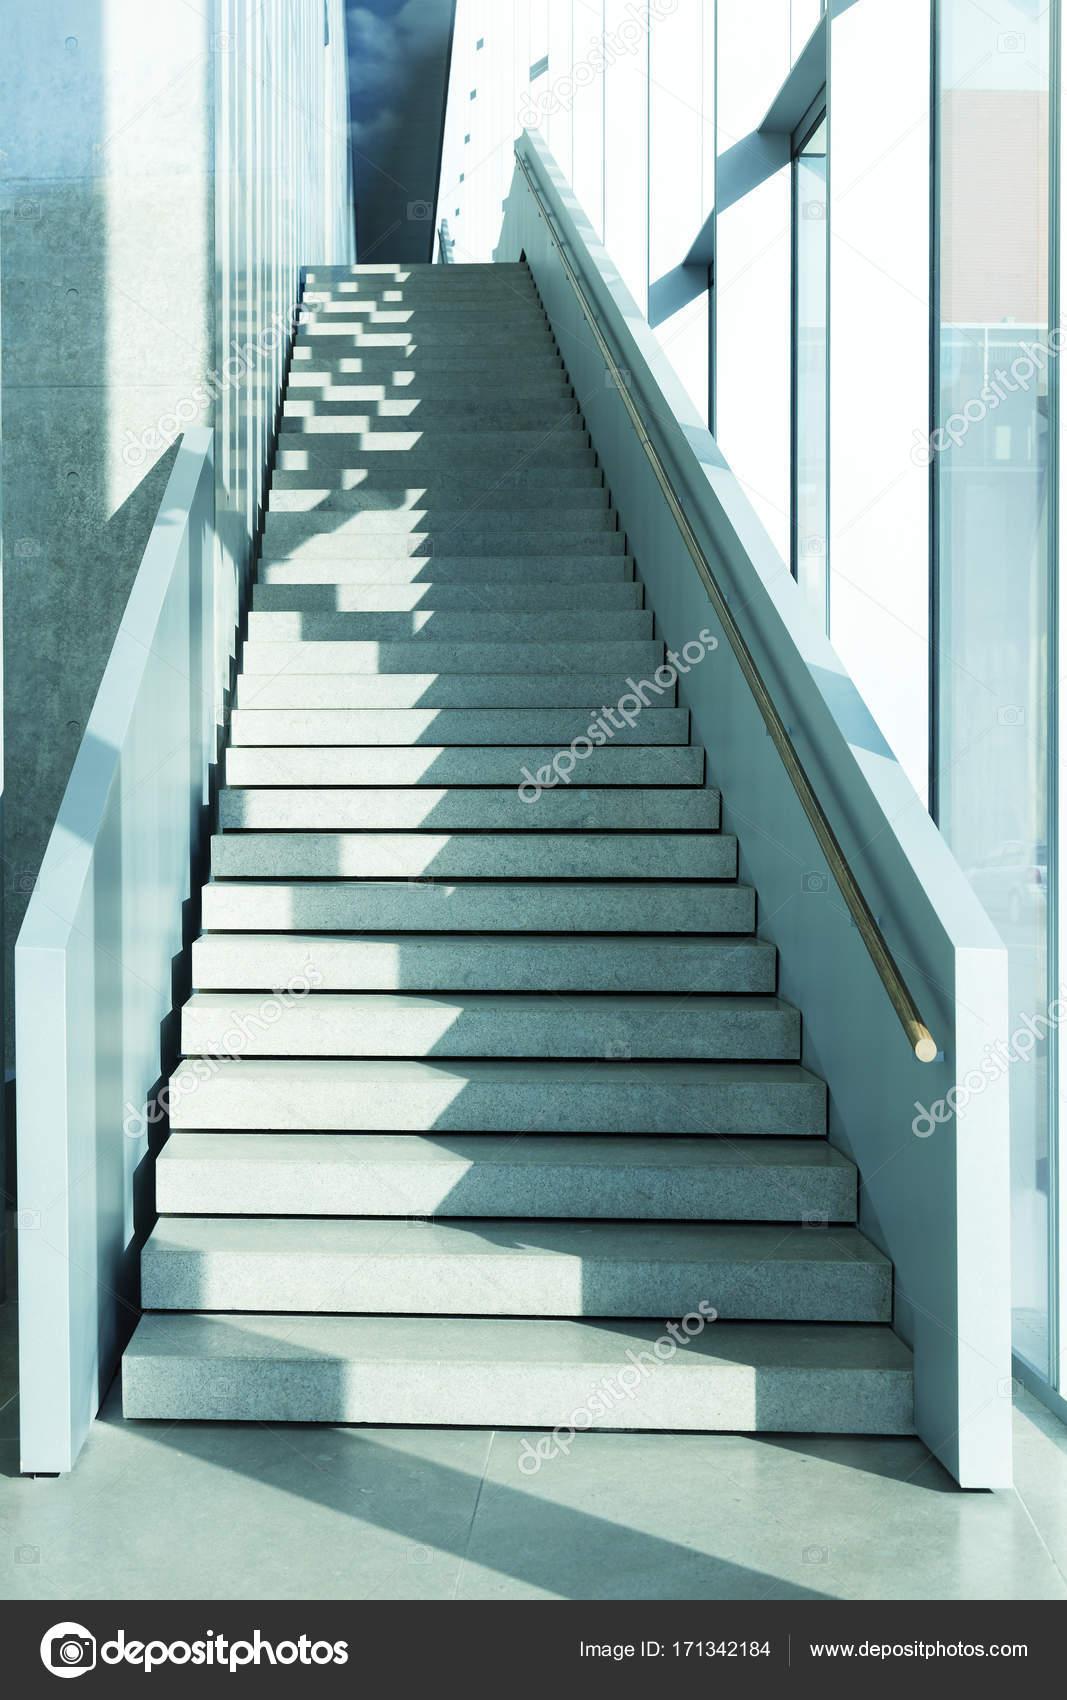 Beeindruckend Moderne Treppen Ideen Von Treppen, Blau Getönten Bild — Stockfoto